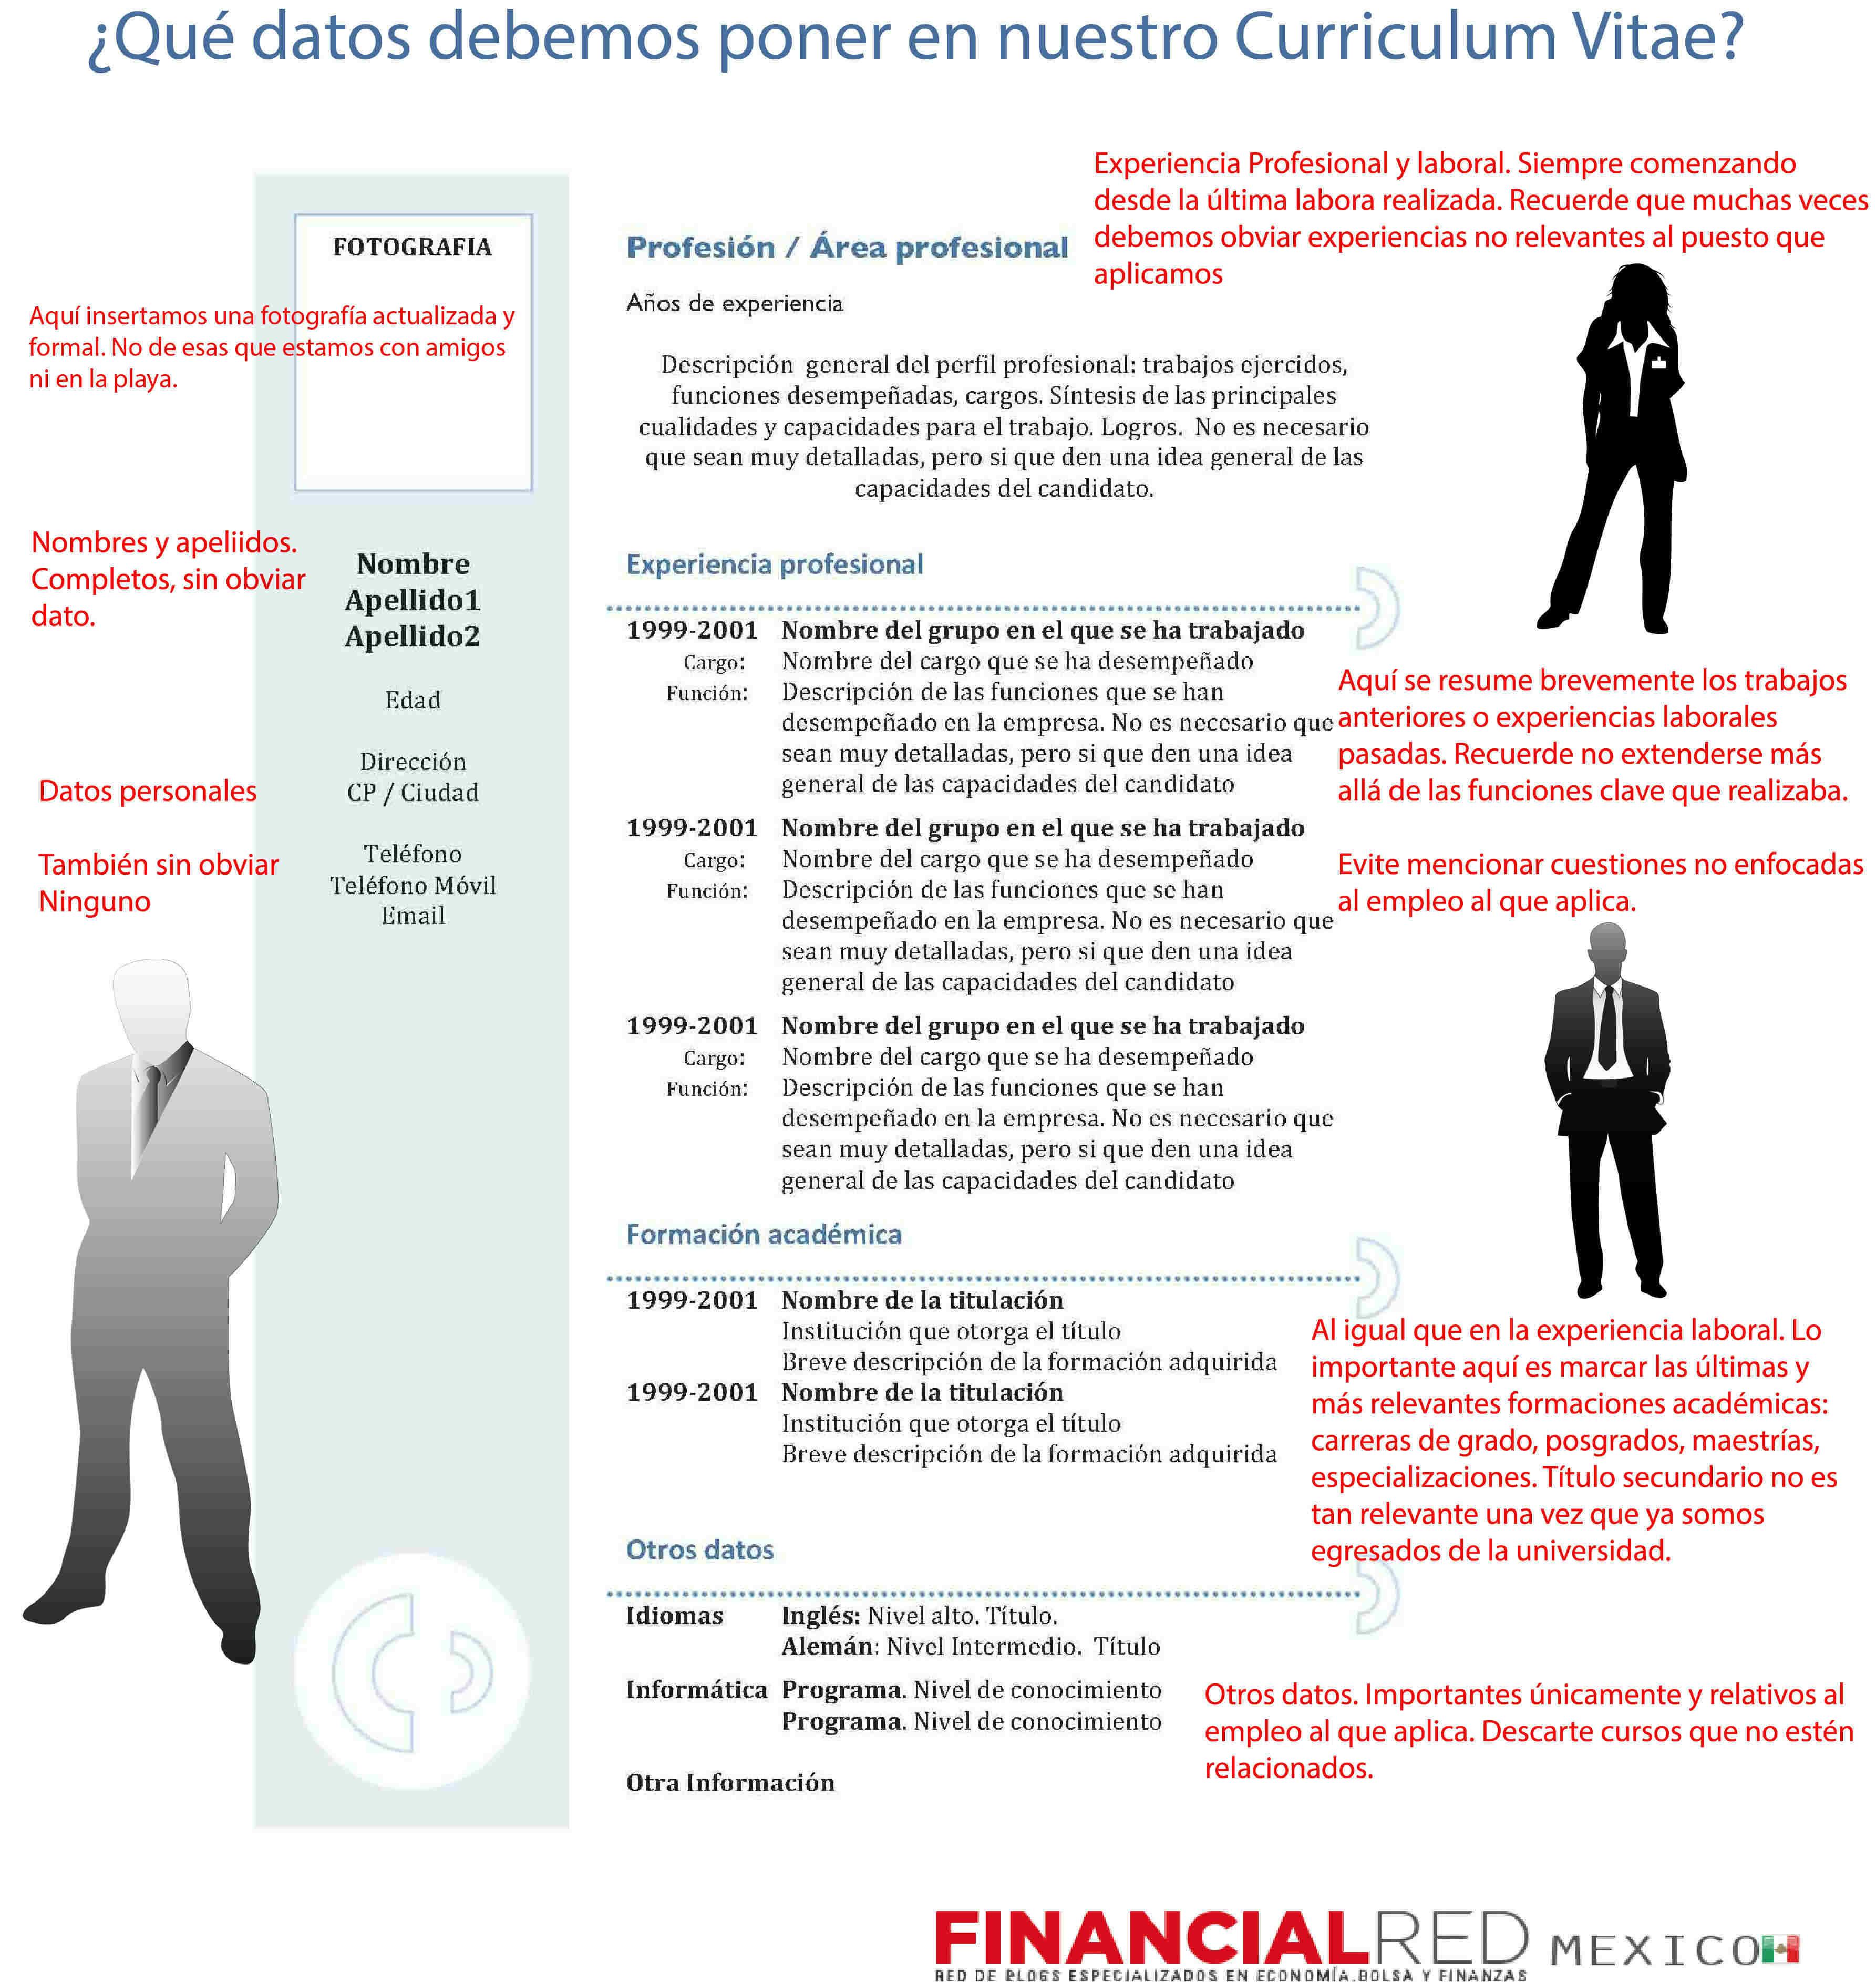 Cómo hacer un Curriculum Vitae - La Economia